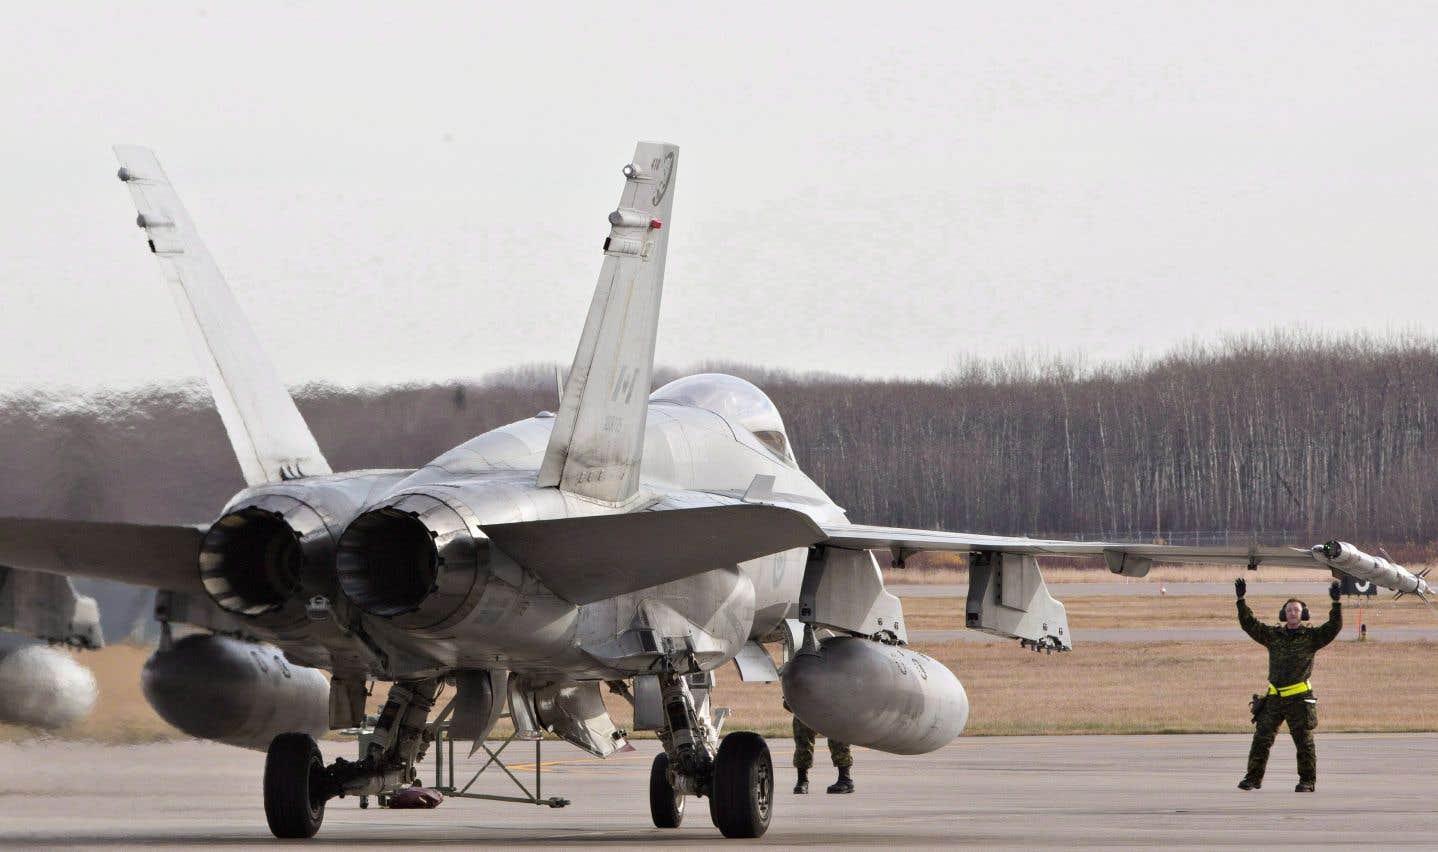 Le gouvernement Trudeau avait lancé un appel d'offres en bonne et due forme pour remplacer les CF-18 vieillissants par 88 nouveaux avions de chasse.